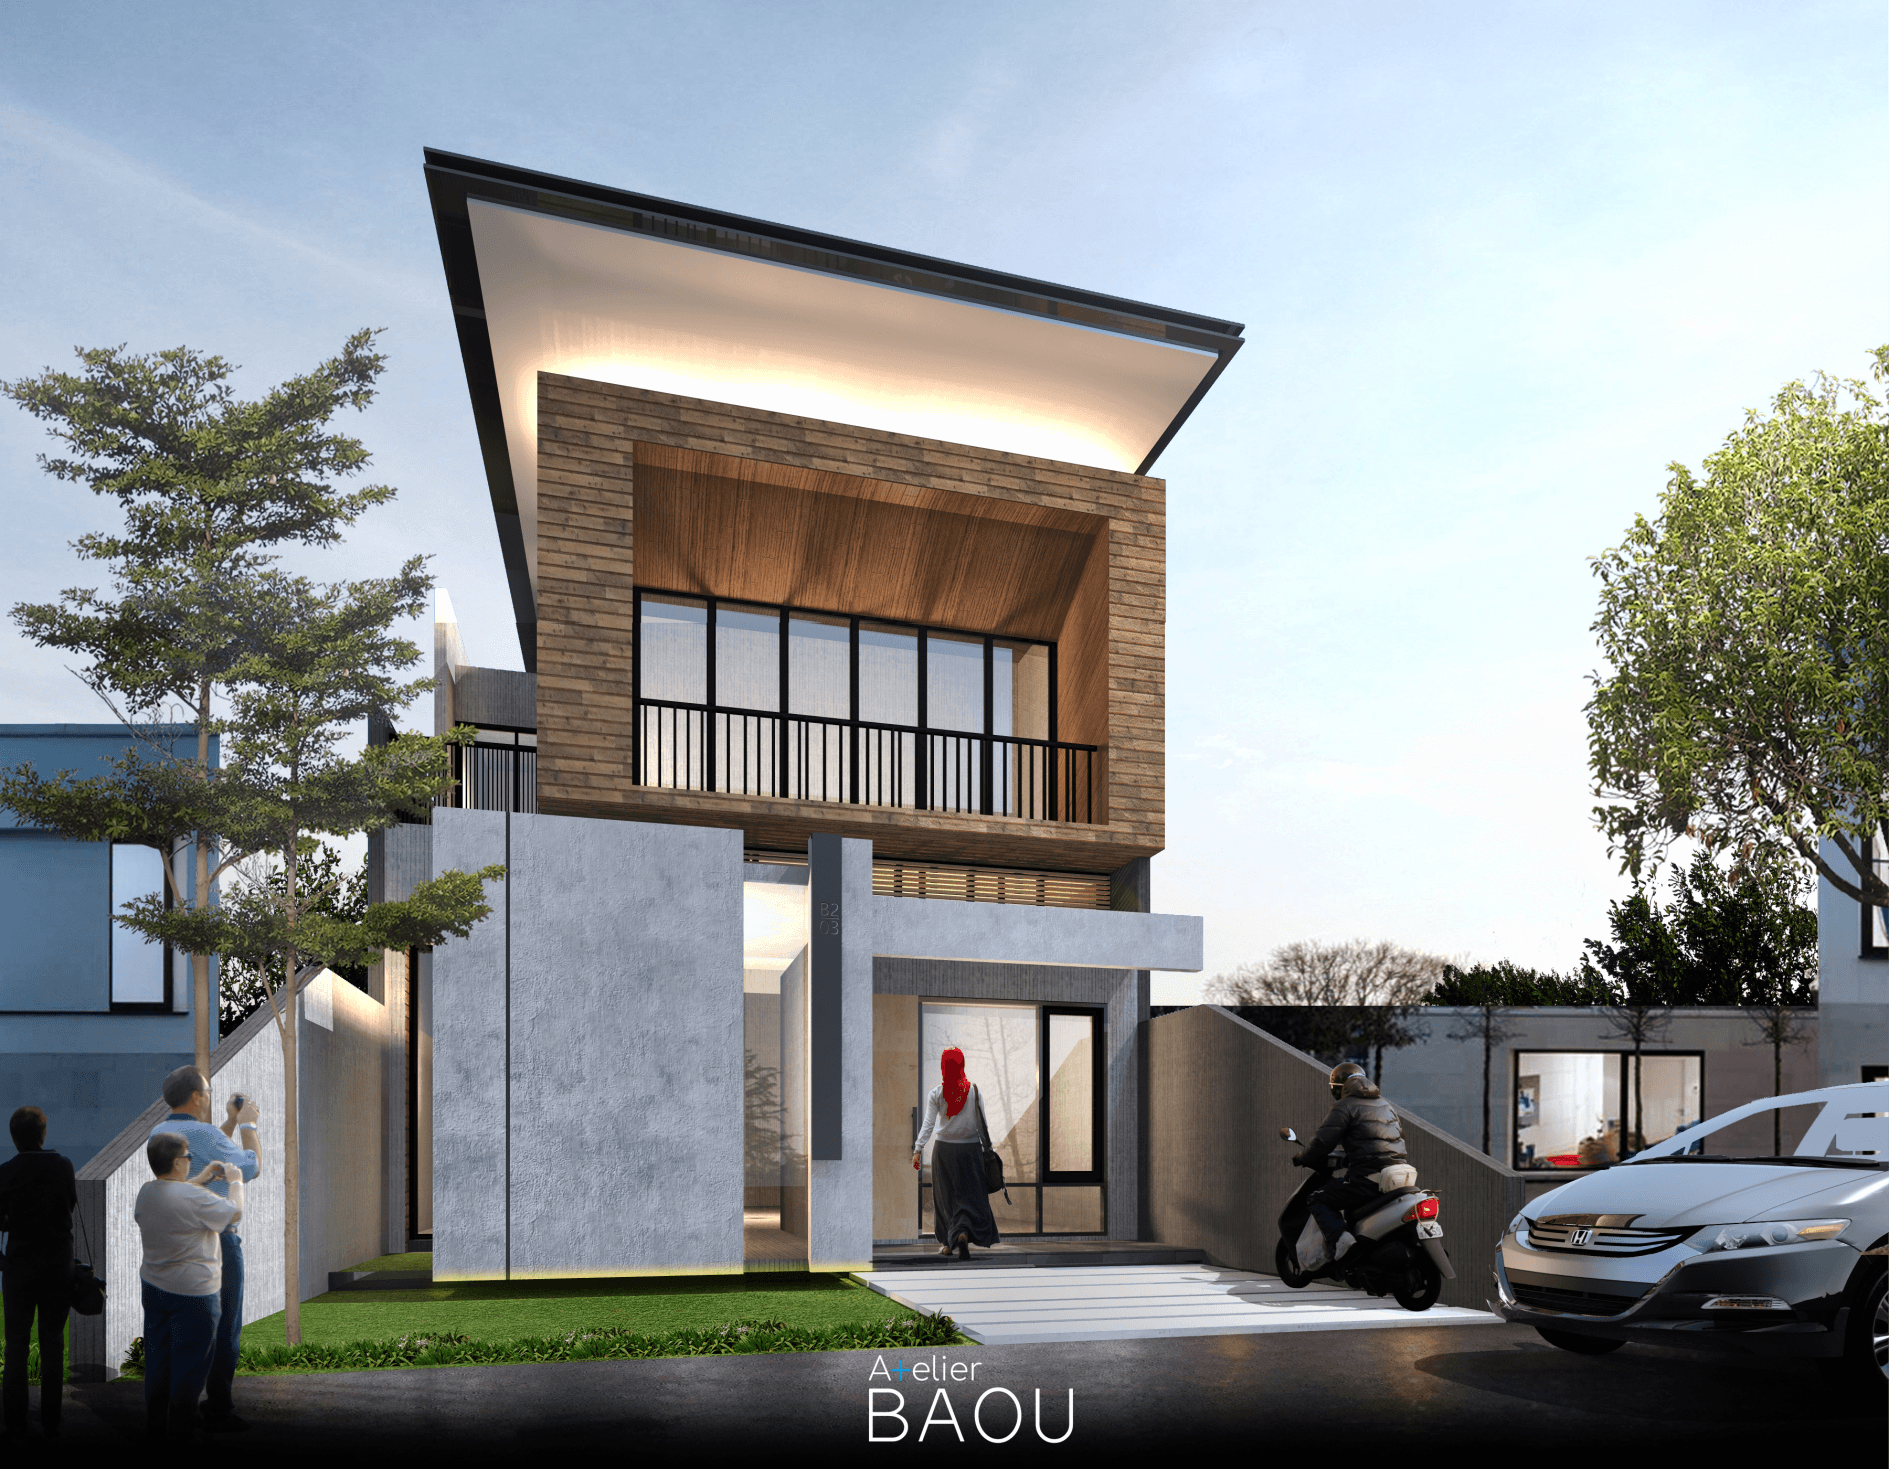 Atelier Baou Yc House Cikarang, Bekasi, Jawa Barat, Indonesia Cikarang, Bekasi, Jawa Barat, Indonesia Atelier-Baou-Yc-House  86445